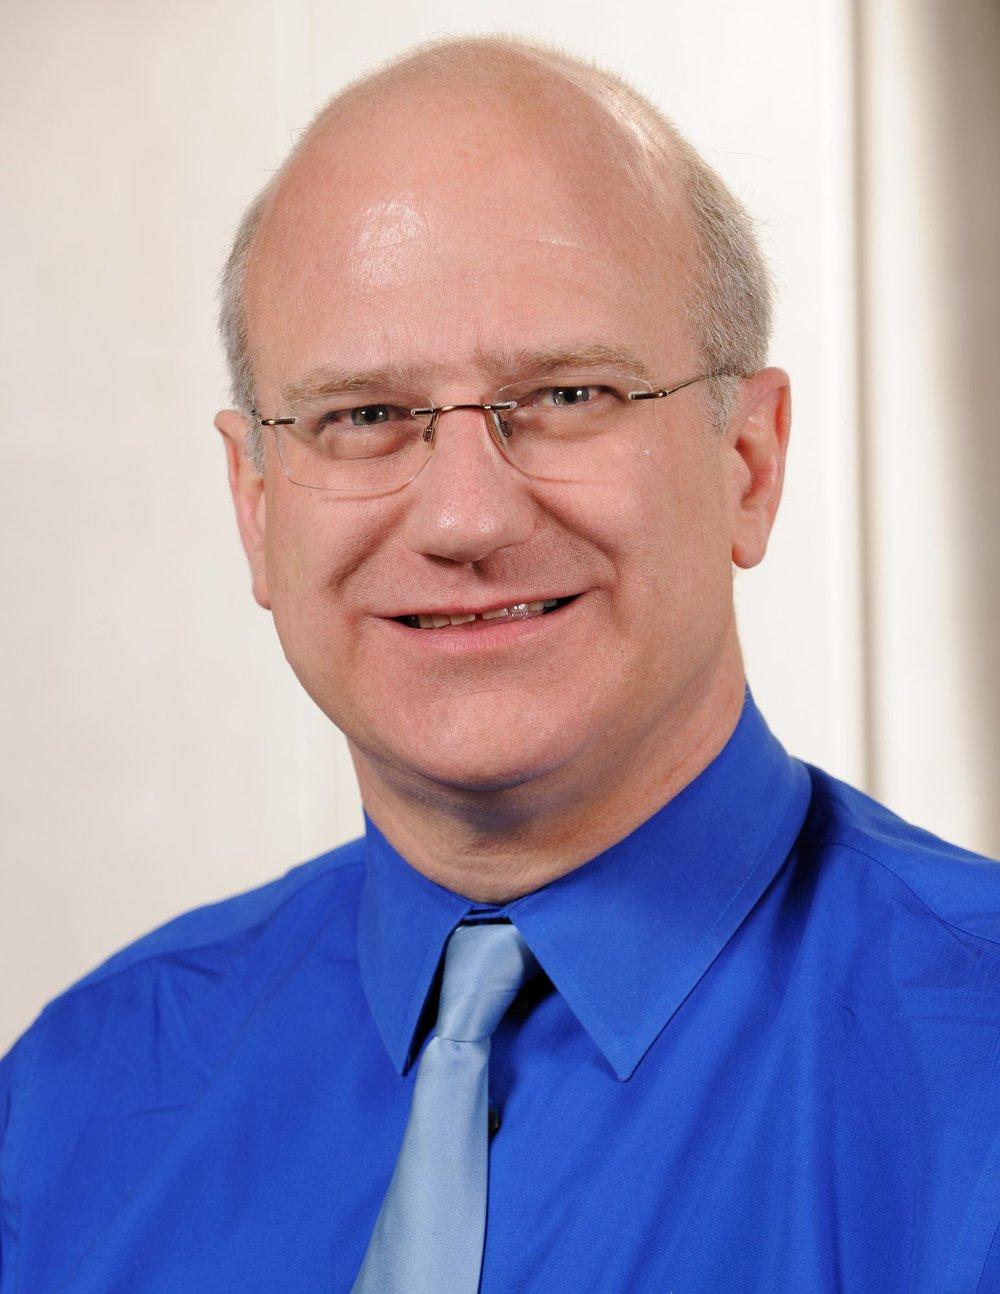 John Jarcho (NEJM, Boston, USA)